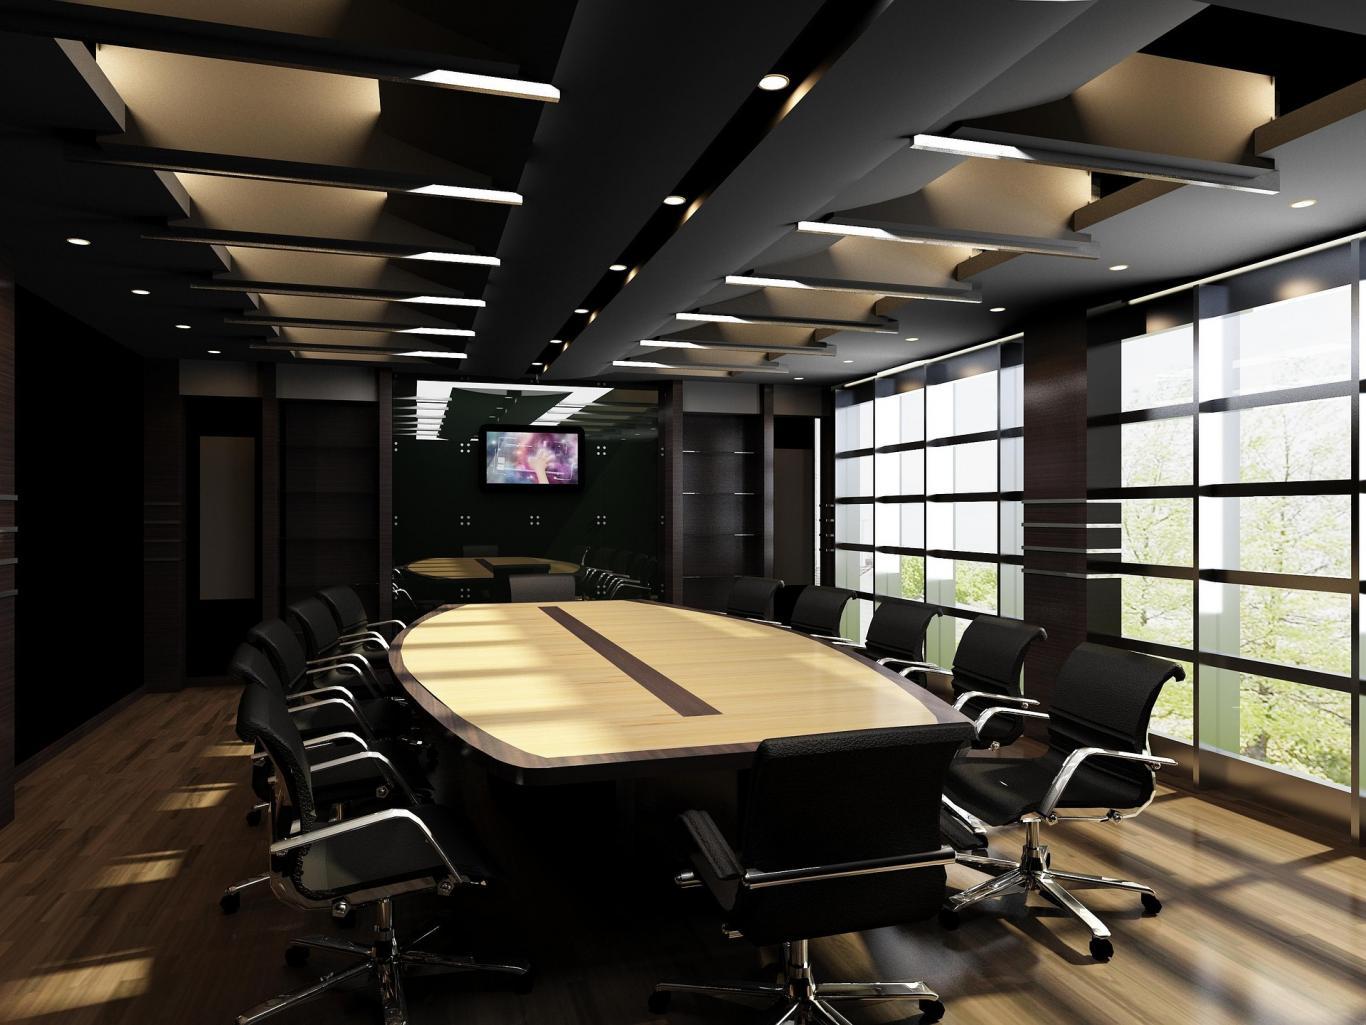 Oficina_1